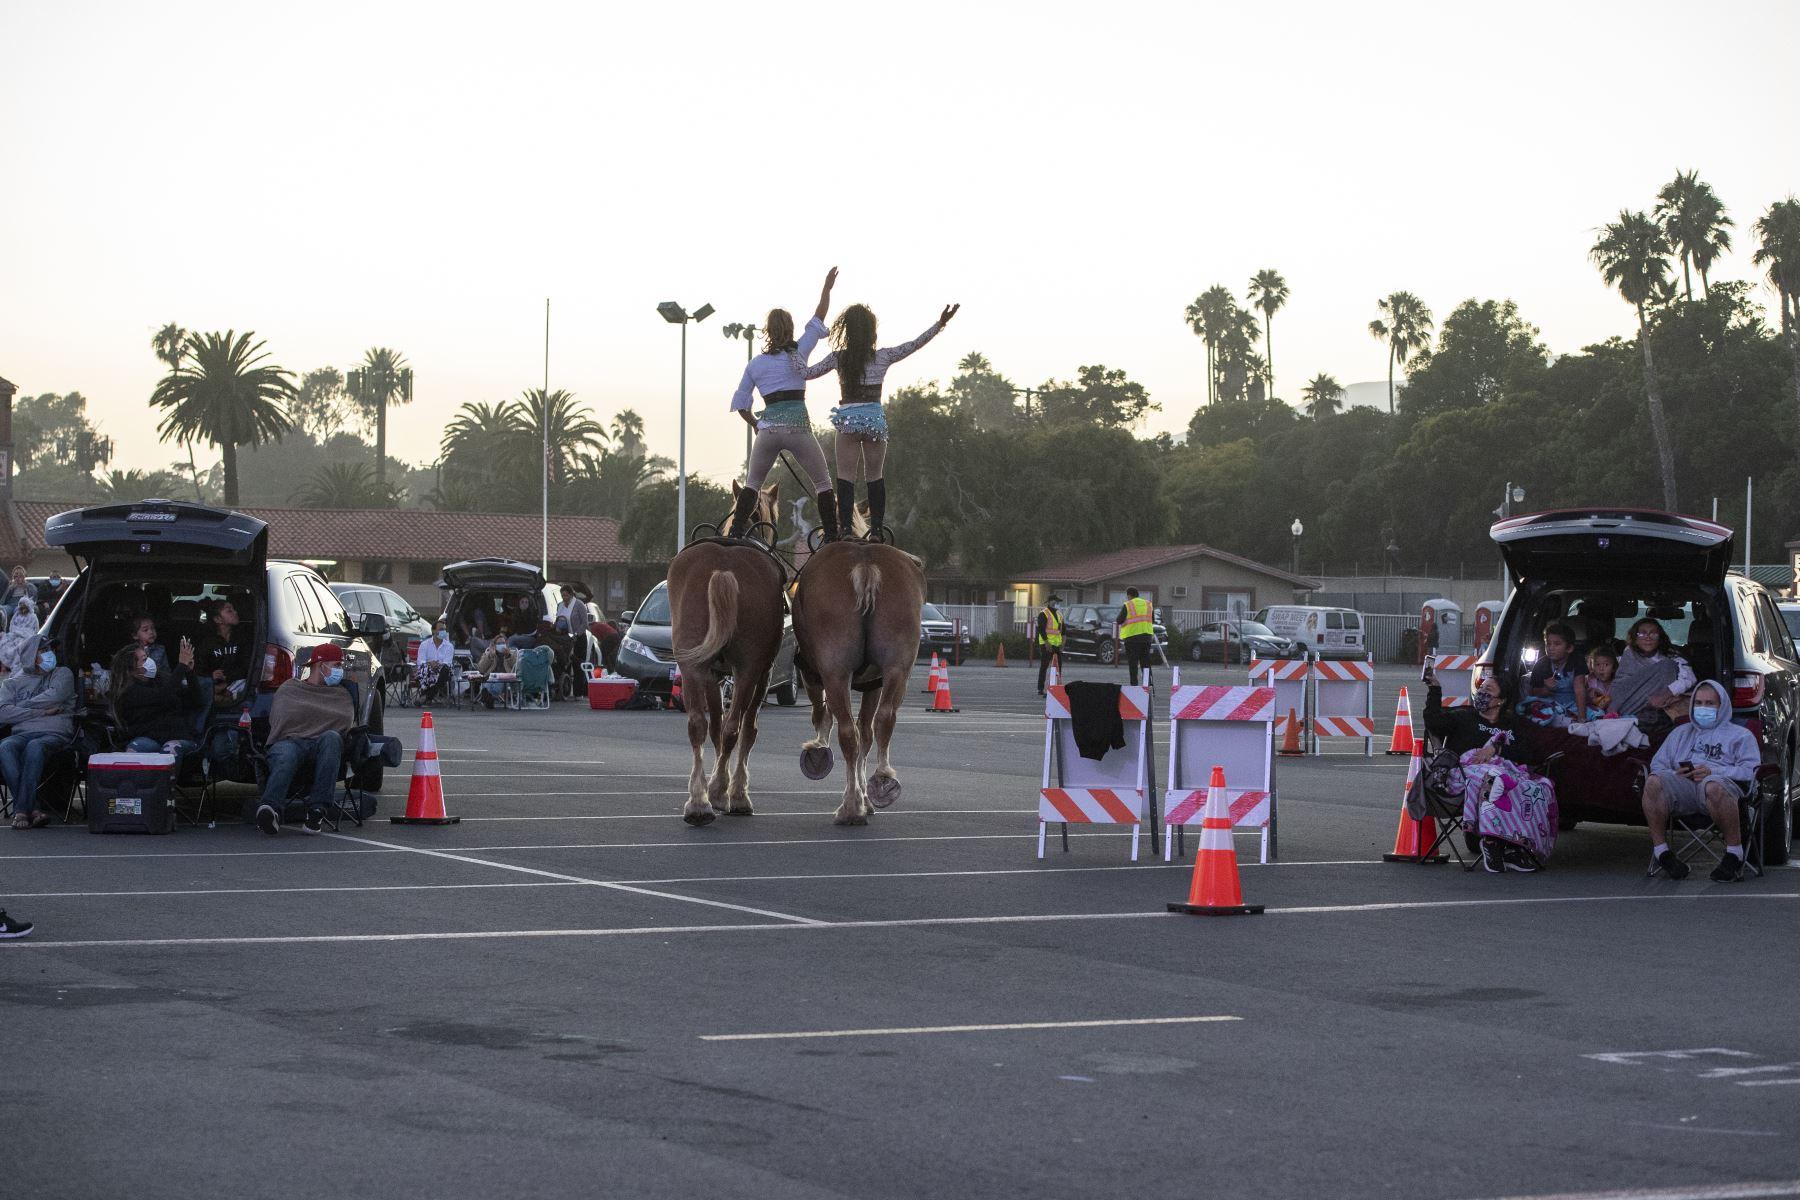 Dos artistas del Zoppe Italian Family Circus montan sus caballos entre los automóviles durante el evento en vivo